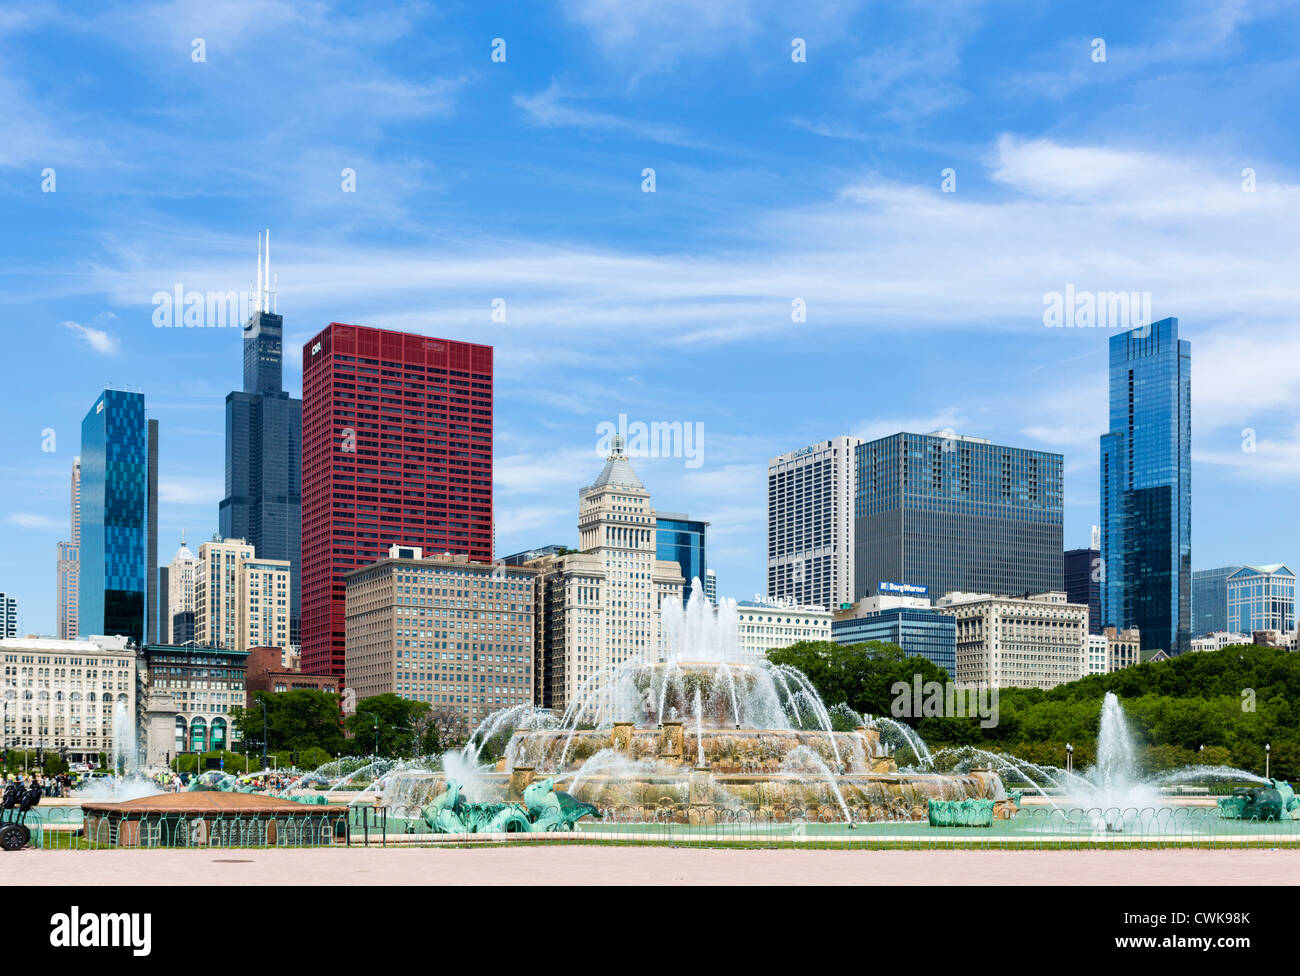 Il Buckingham Fountain davanti al centro dello skyline della città, Grant Park, Chicago, Illinois, Stati Uniti Immagini Stock